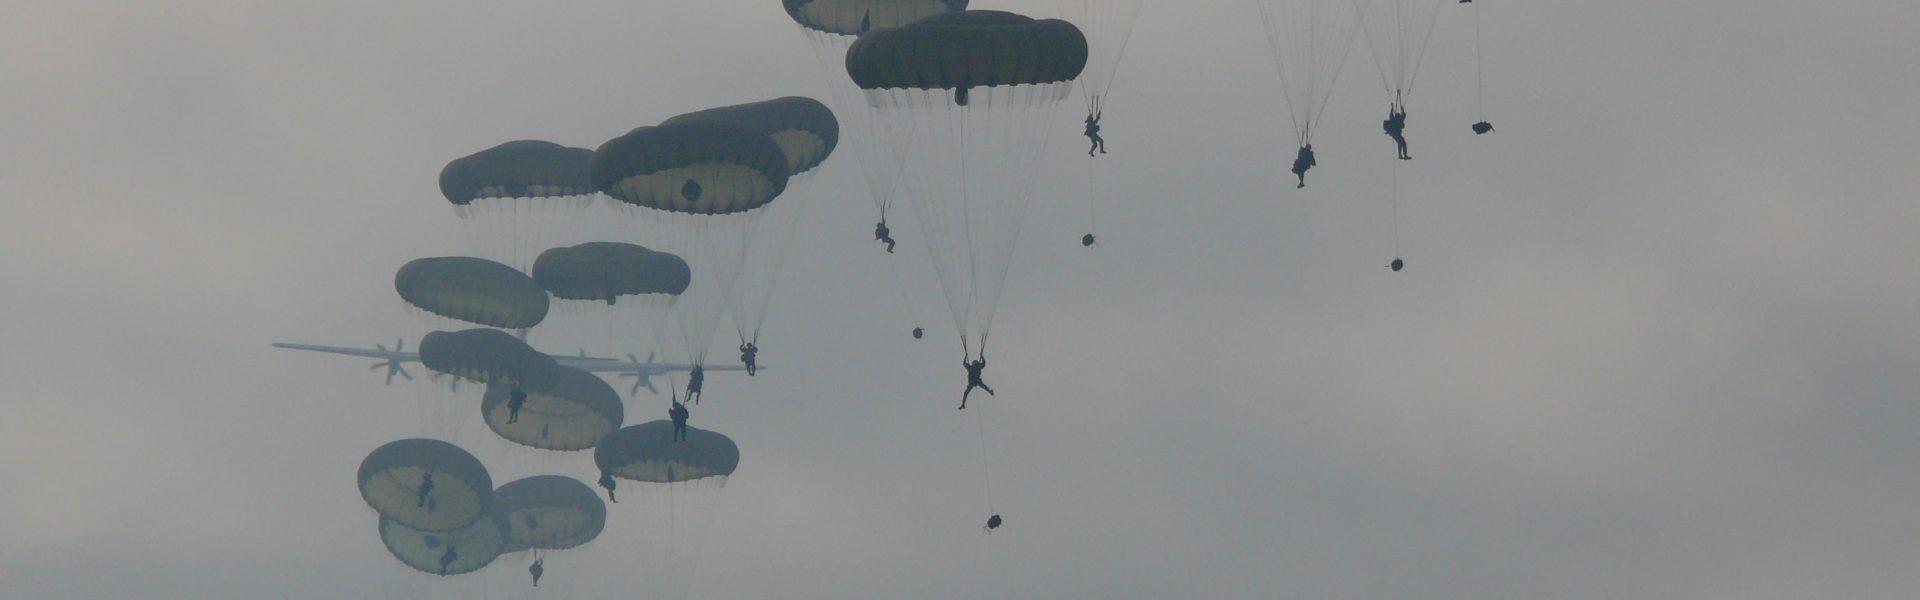 Airborn landing op de Ginkelse Heide van Ede